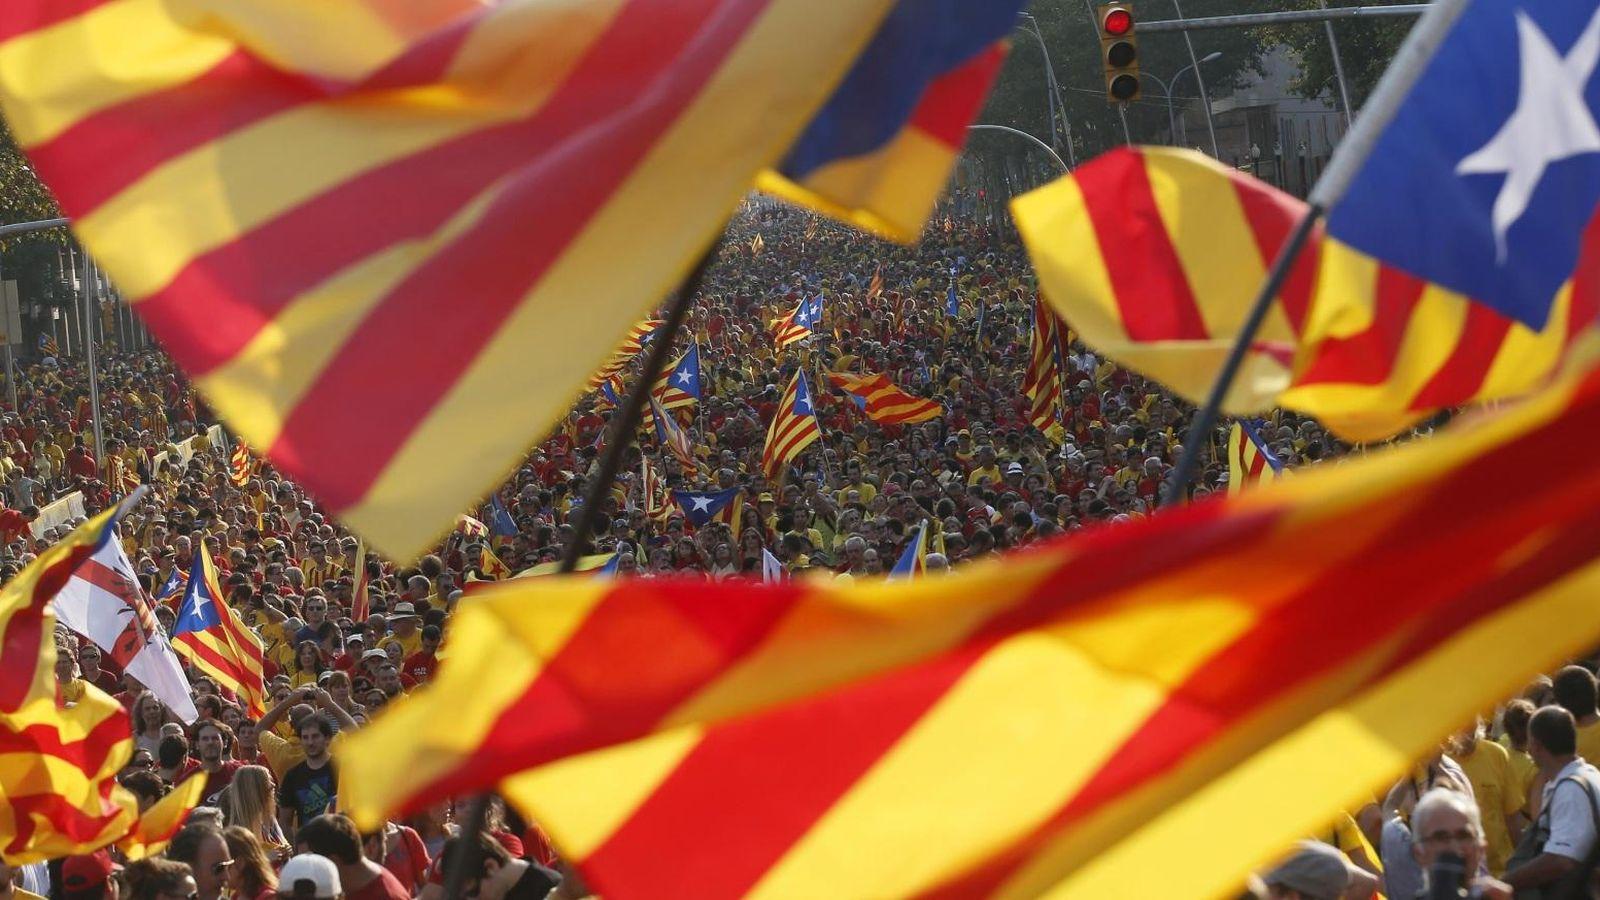 Foto: Una imagen de las calles de Barcelona durante la Diada celebrada en 2013. (Reuters)